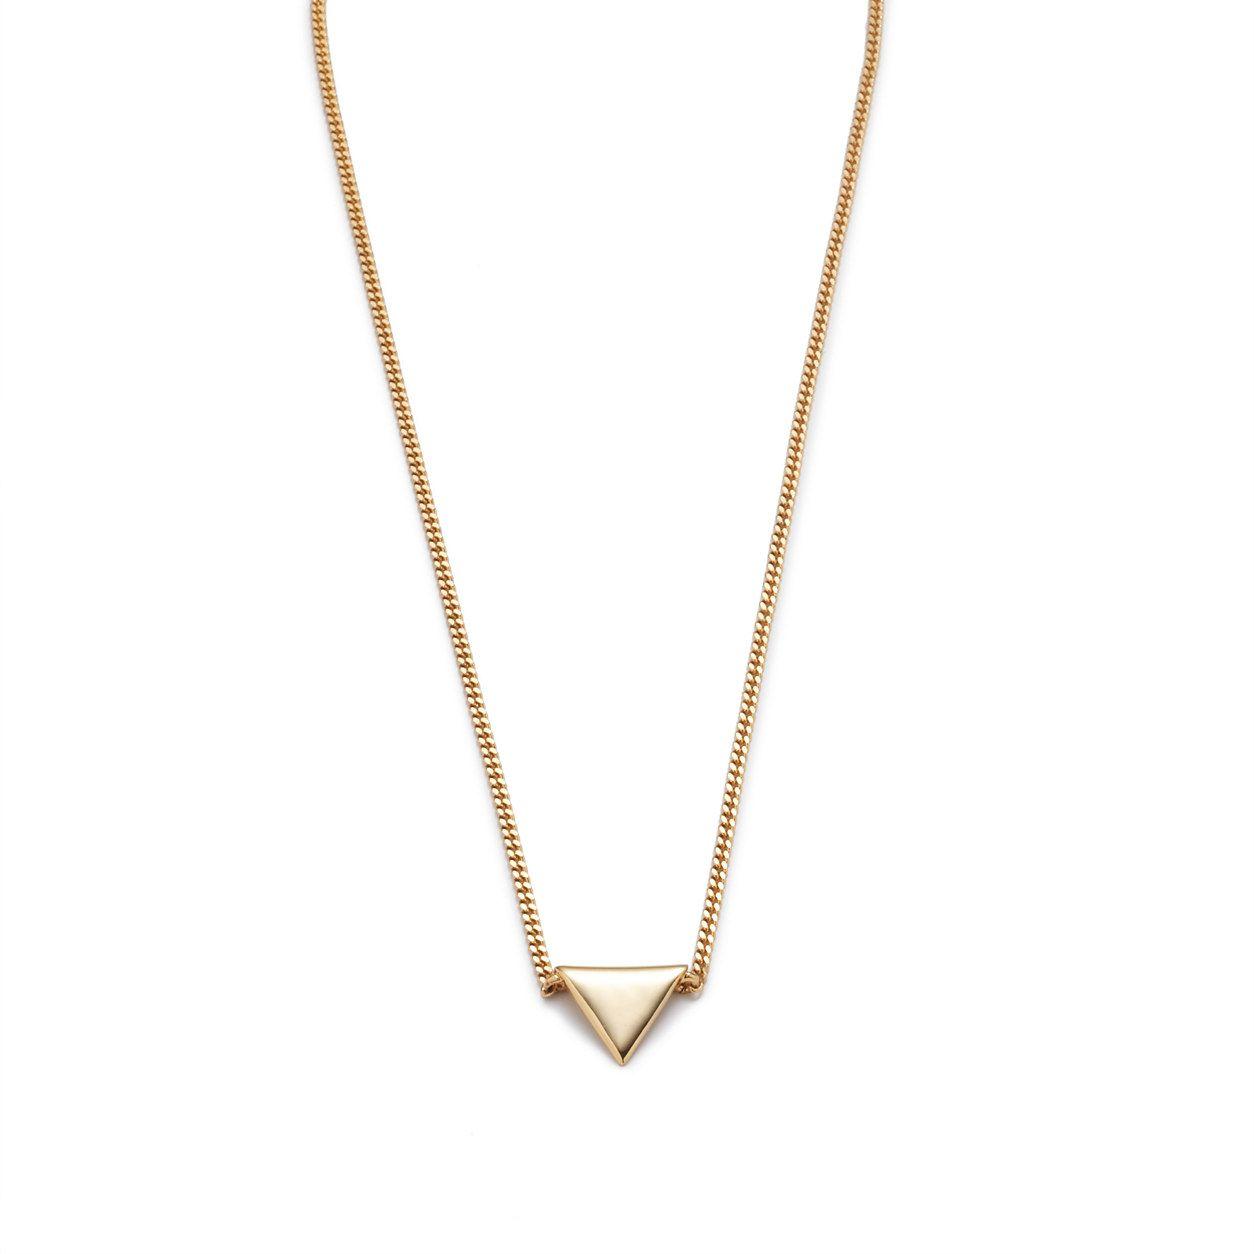 Womenus necklaces rings u earrings womenus jewelry jcrew